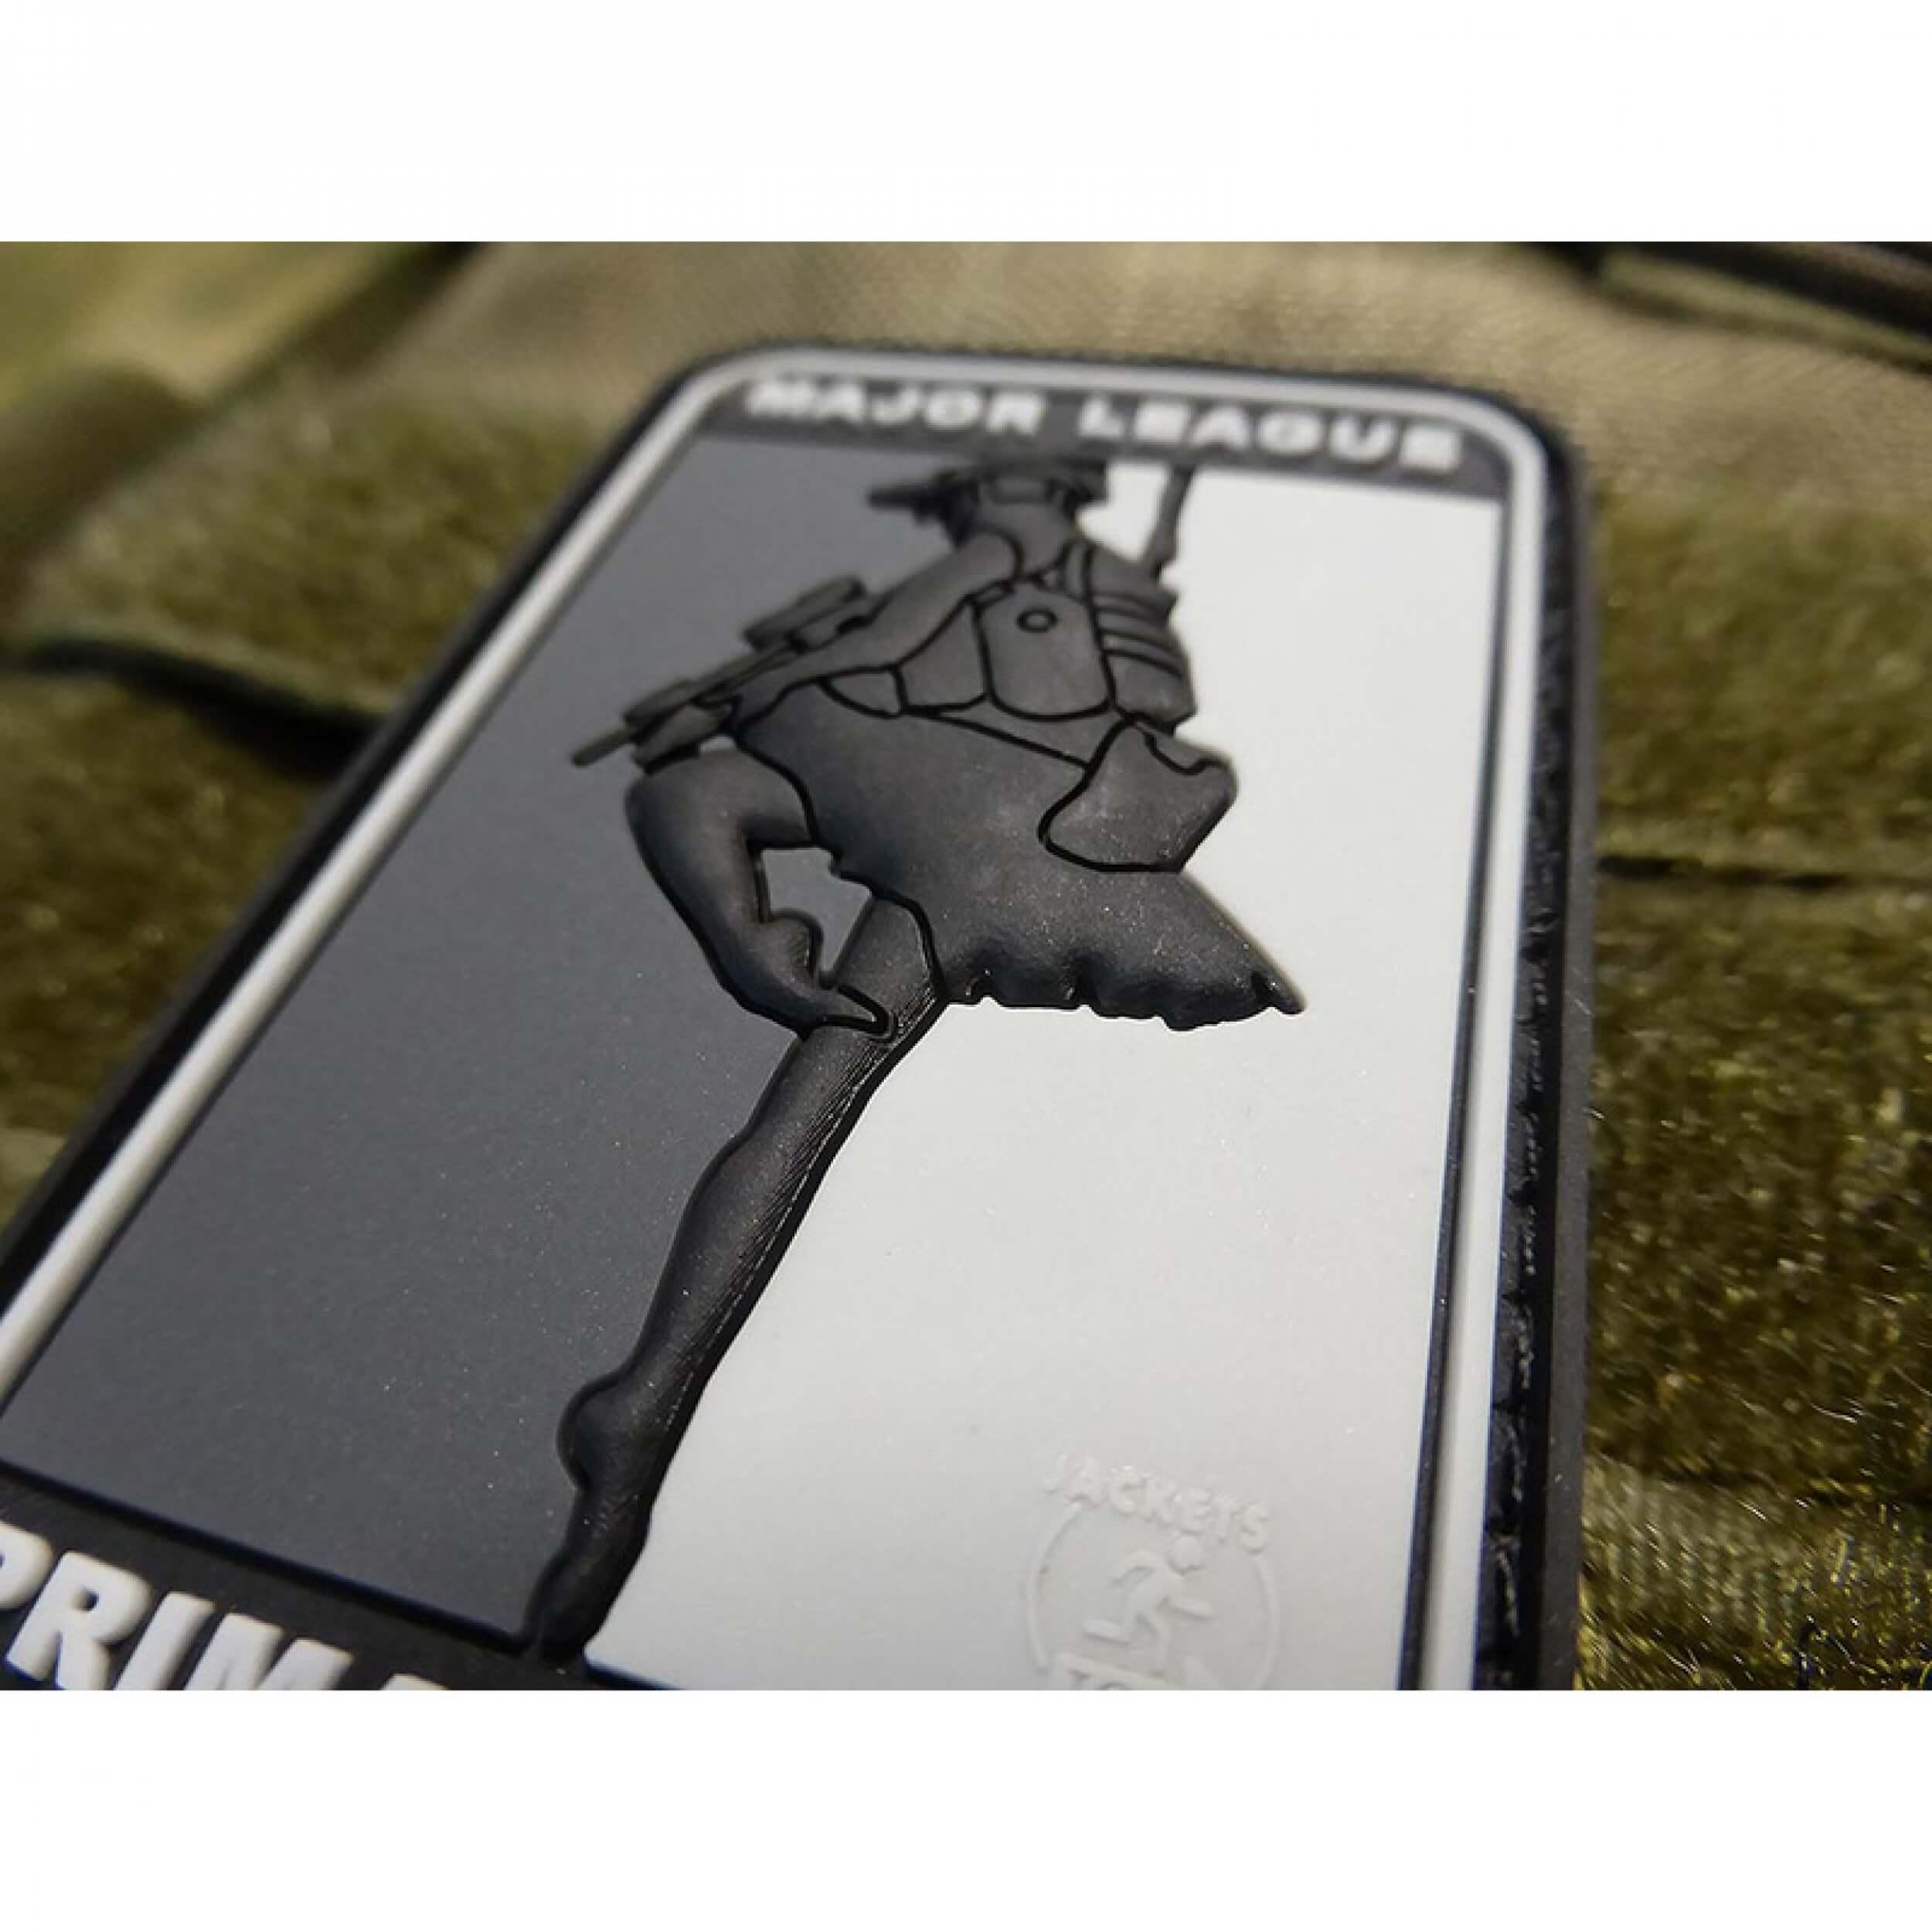 JTG MAJOR LEAGUE PRIMADONNA Patch, blackops / JTG 3D Rubber Patch